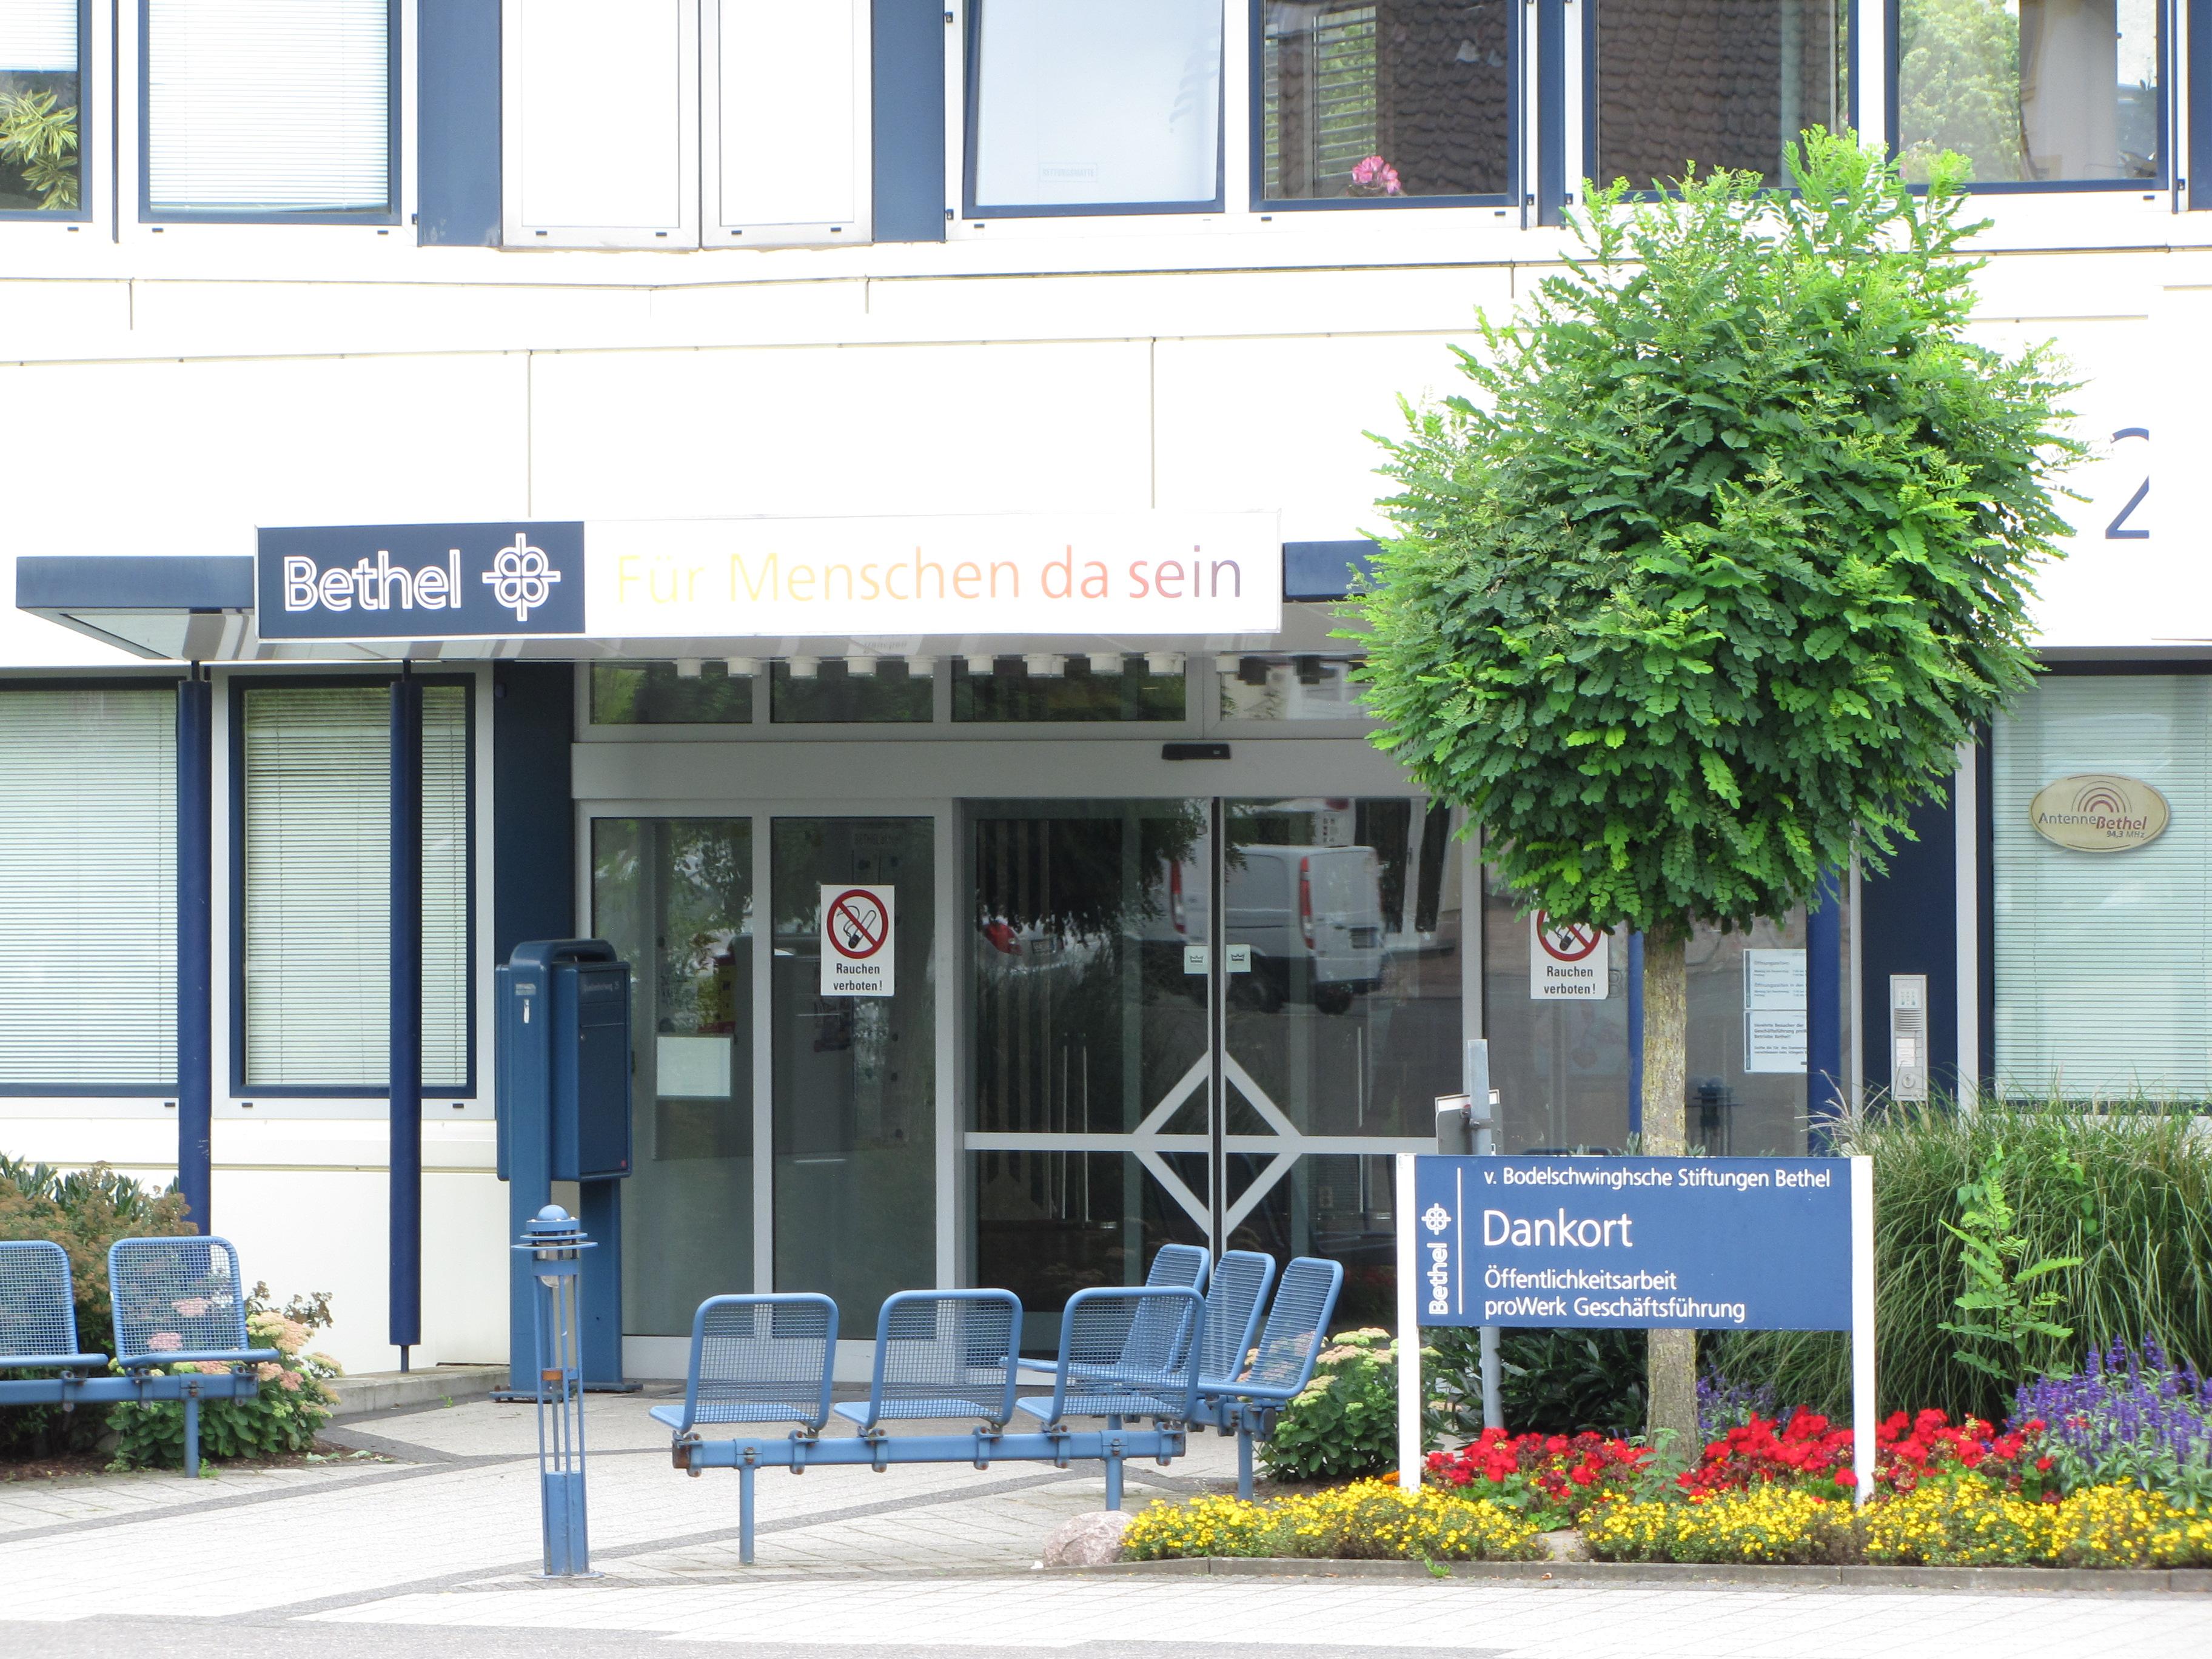 Bethel Bielefeld Bodelschwingsche Anstalten Bielefeld NRW (6)